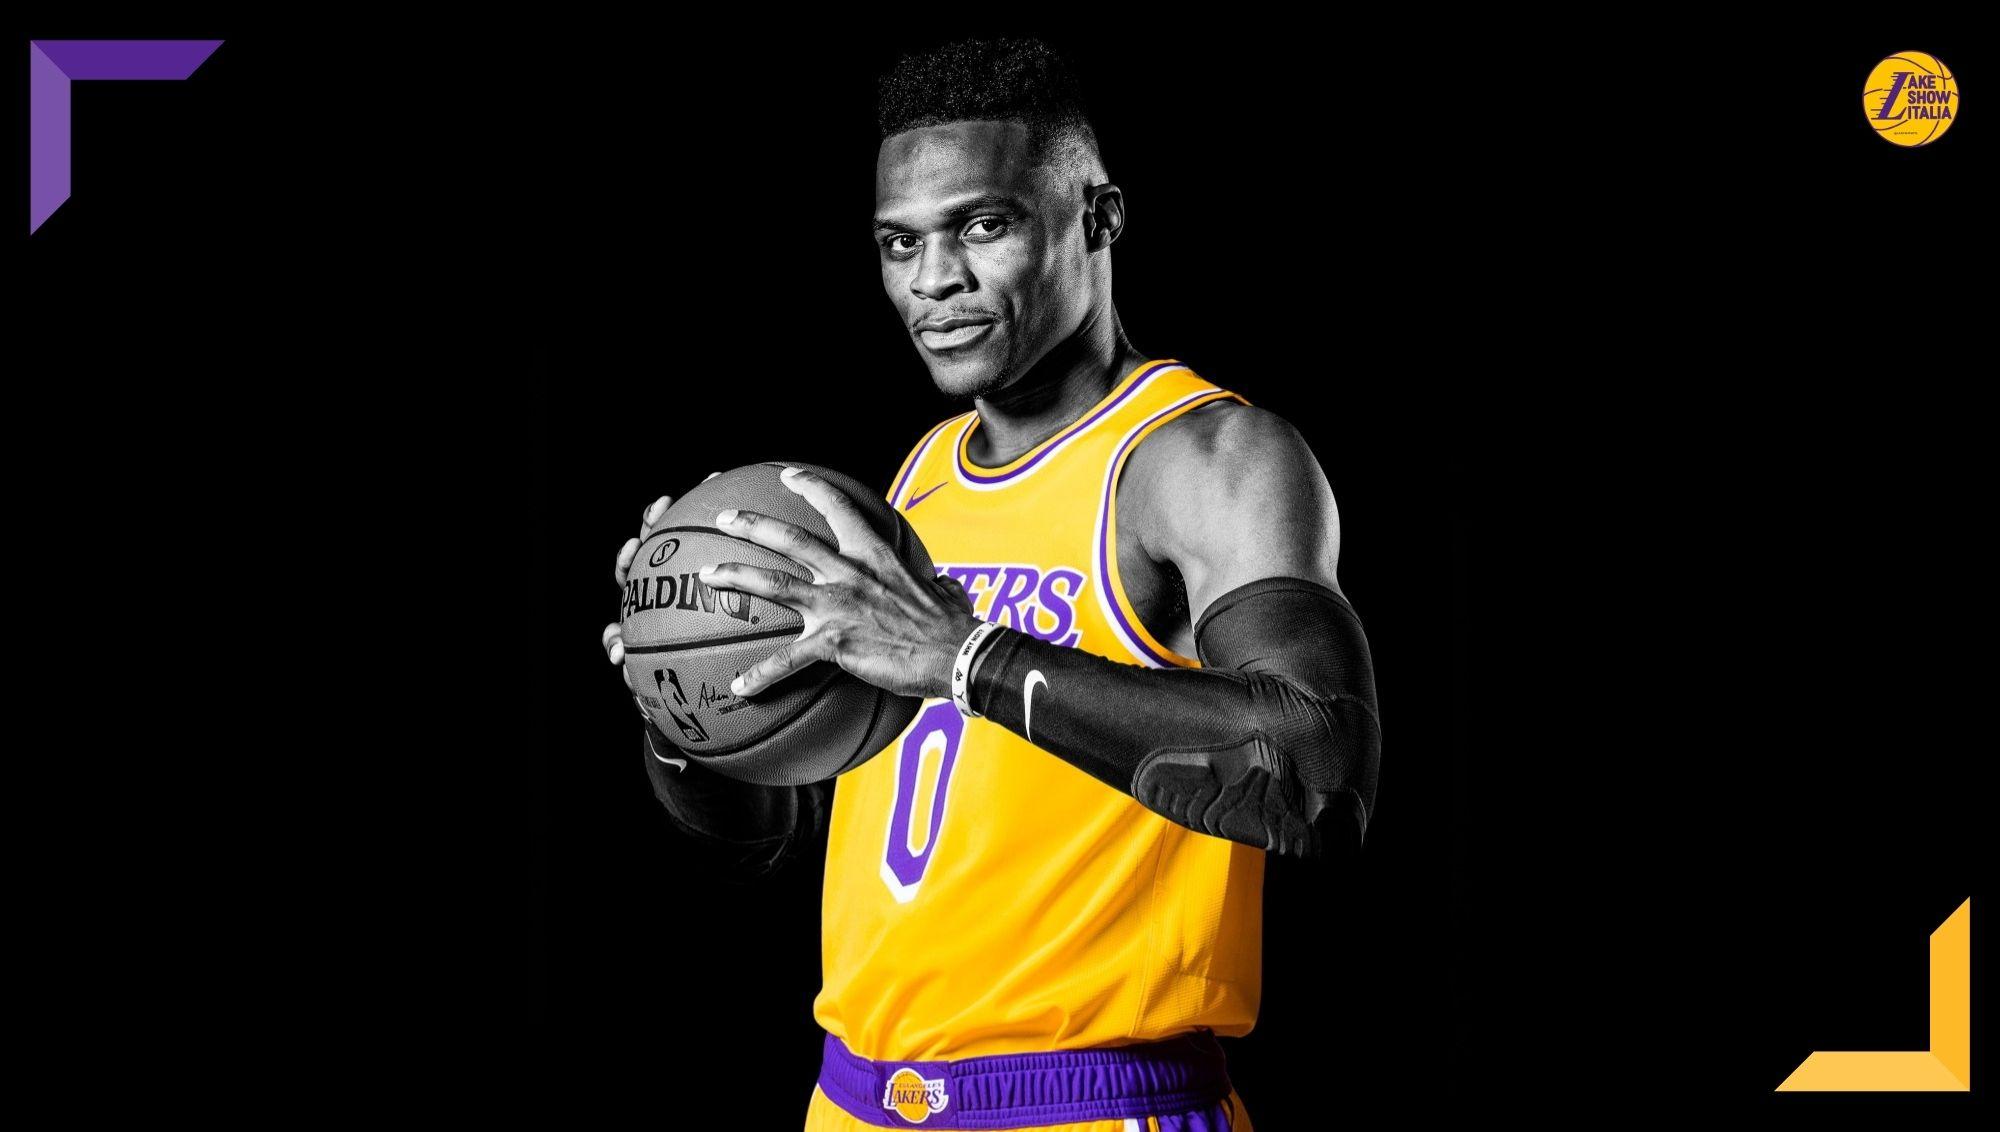 Il GM Rob Pelinka ha annunciato l'arrivo di Russell Westbrook. I Los Angeles Lakers hanno ceduto Harrell, KCP, Kuzma e la pick #22 ai Wizards.